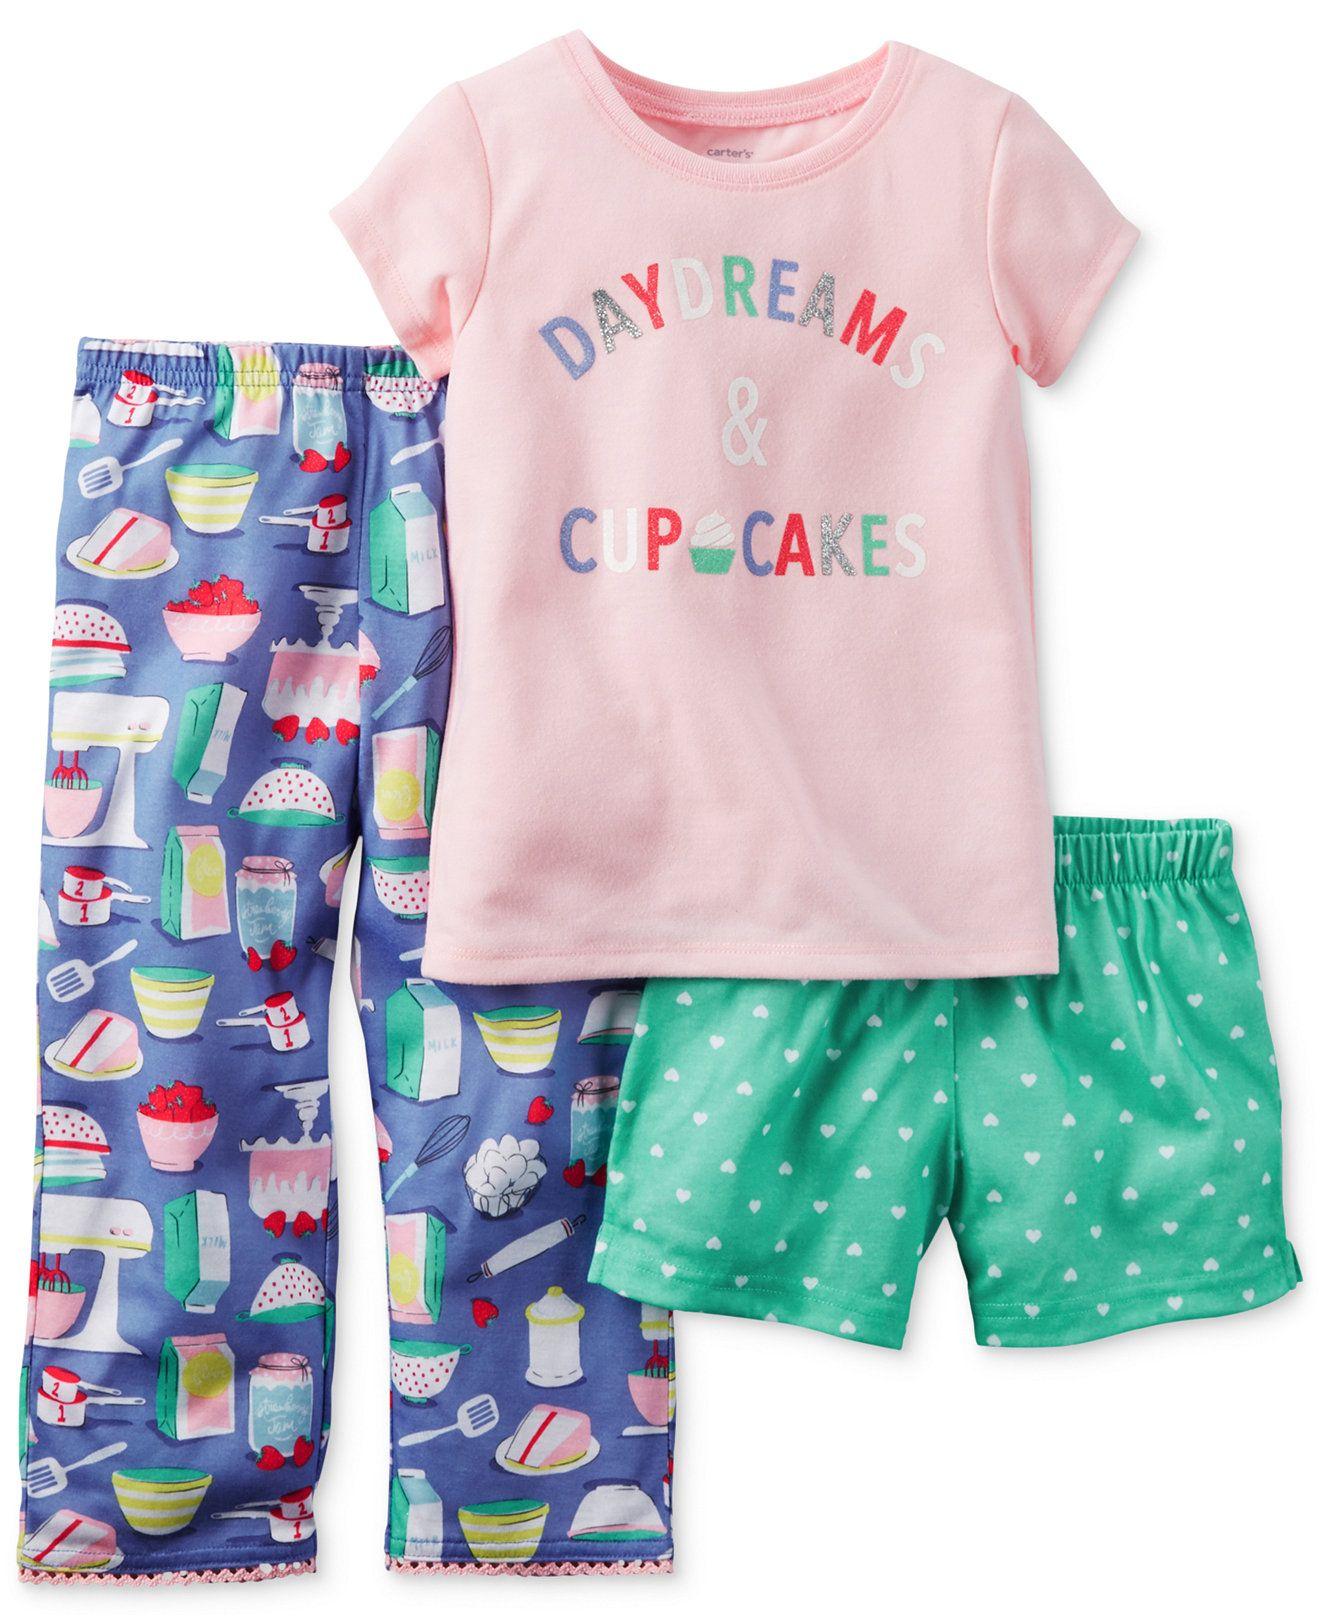 93f2e11ee50d Carter s Toddler Girls  3-Piece Daydreams   Cupcakes Pajamas Set ...